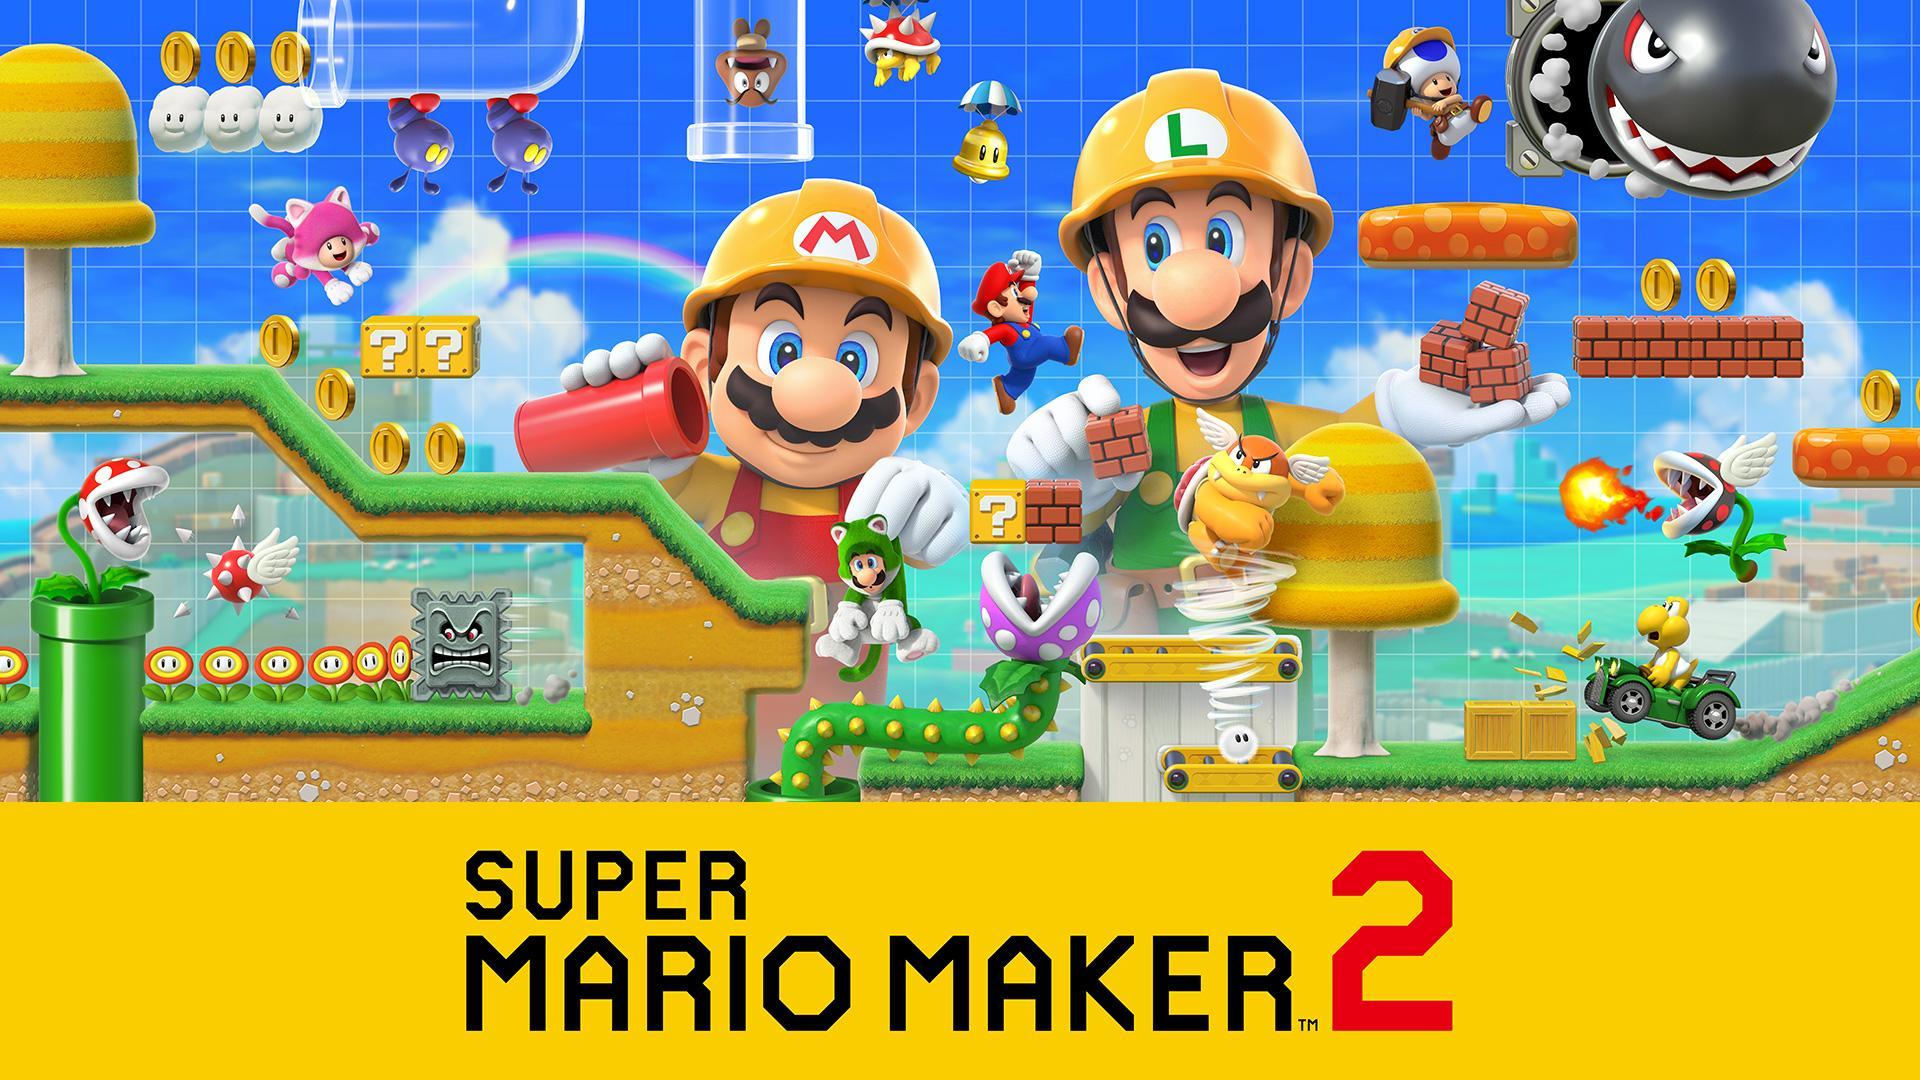 Super Mario Maker 2 HD Wallpapers - Wallpaper Cave